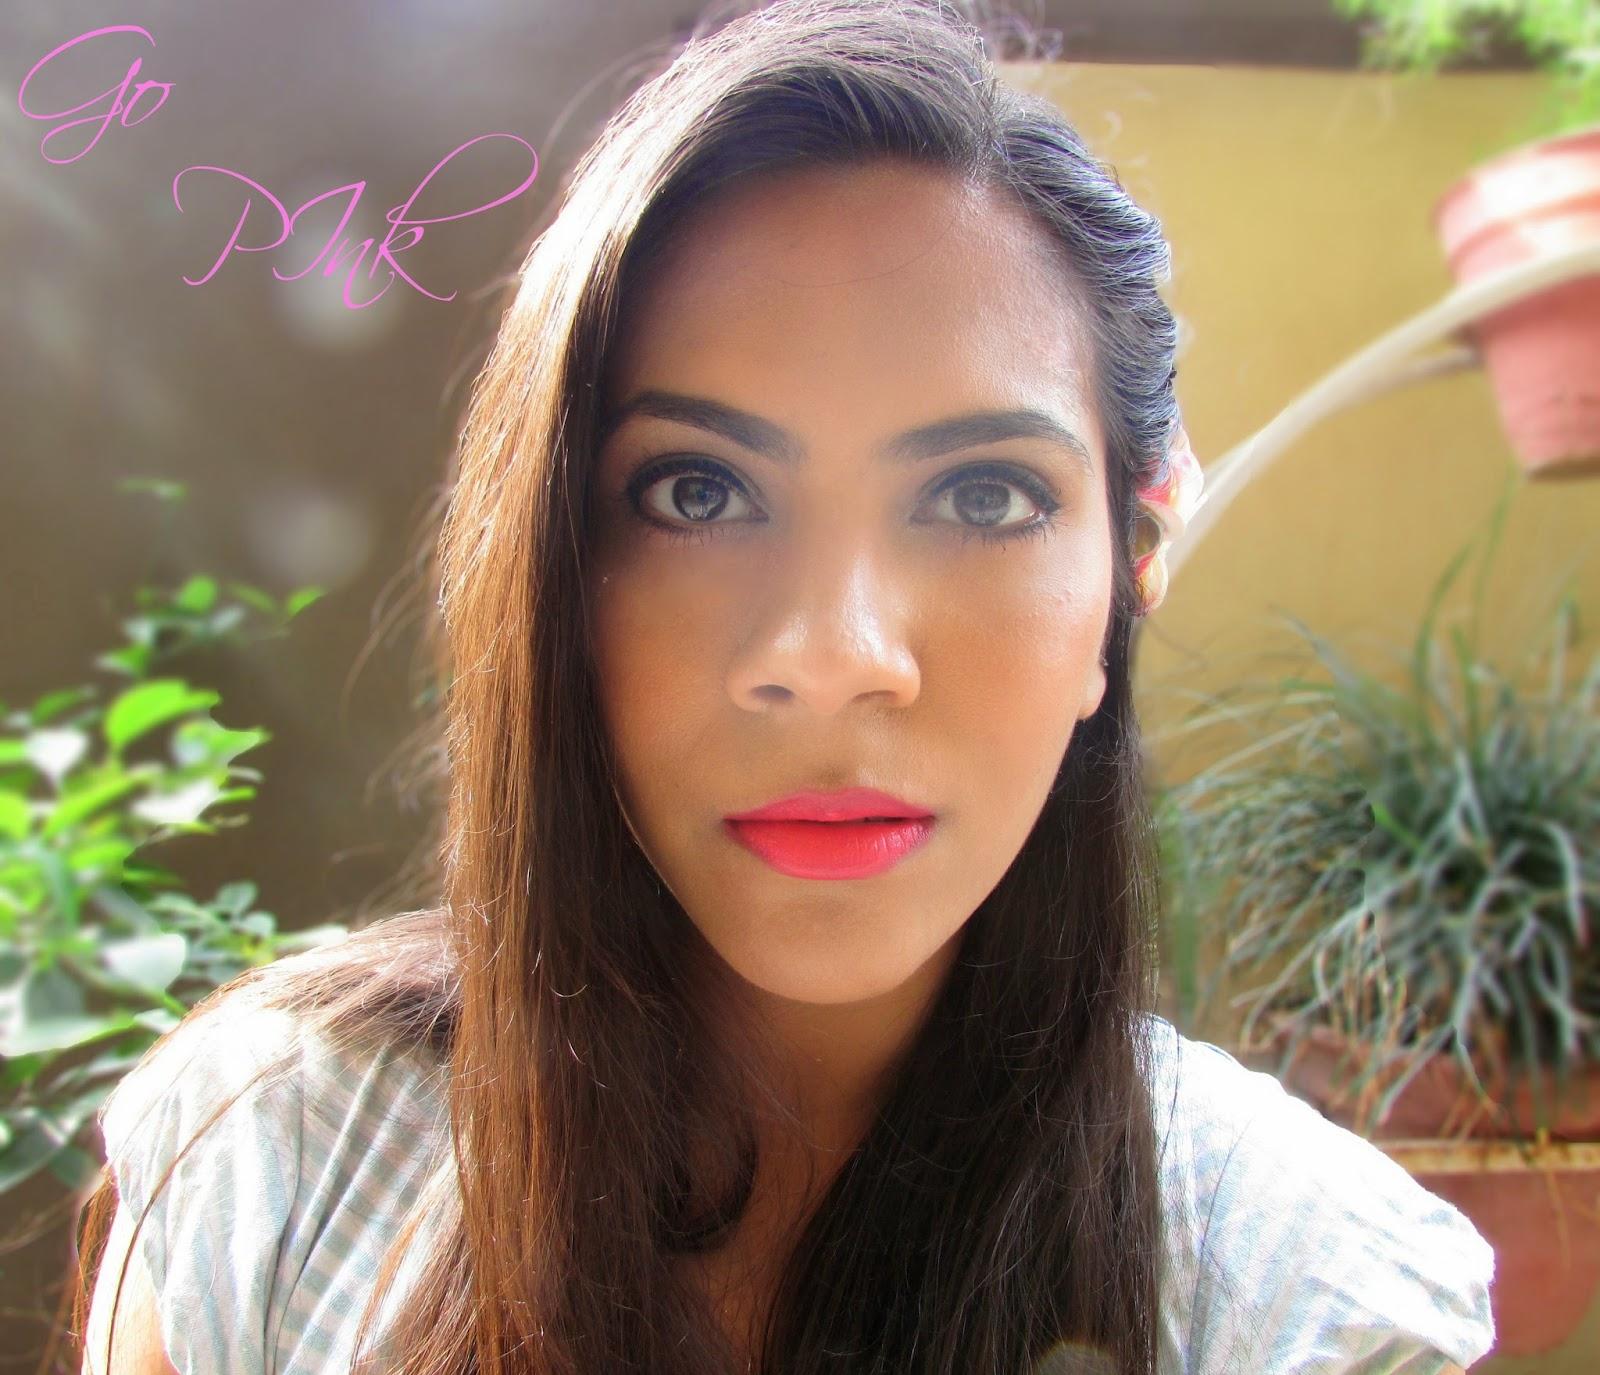 Maybelline lipsticks,maybelline lipsticks,maybelline lip colours,maybelline lipcolour,maybelline cosmetics,drugstore makeup,makeup,beauty,makeup and beauty,maybelline makeup,maybelline,maybelline india,cosmetics in india,maybelline cosmetics in india,maybelline india lipsticks,drugstore lipsticks,pink lipsticks,phushia pink lipstics,maybelline 2013,maybelline lipsticks2013,maybelline colour sensational lipsticks,summer2013 lipstick trends,perfect pink lipstick in low cost,low cost lipsticks,affortable pink lipsticks,affordable corel pink lipstick,coral pink lipstick india,cost of coral pink lipstick in india,where to find coral pink lipstick in india,maybelline coral pink lipstick,maybelline color sensational lipstick,maybelline color sensational lipstick in india,maybelline colour sensational lipstick price in india,maybelline color sensational lipstick review,maybelline color sensational price in india,maybelline color sensational review ,maybelline colour sensational price,maybelline color sensational avaliability in india,colour sensational lipstick by maybelline,colour sensational the shine lipstick by maybelline,color sensational the shine lipstick price in india,maybelline color sensational the shine price in india,maybelline color sensational the shine lipstick review,what is the difference between maybelline colour sensational and maybelline colour sensational the shine lipstick, colour sensational perfect coral pink, coral pink lipstick by maybelline, colour sensational the shine by maybelline,colour sensational the shine in india,maybelline color sensational the shine price in india,coral pink lipstick,coral pink lipstick at cheap prices,coral pink lipstick in india,affortabe coral pink lipstick in india,maybelline coral pink lipstick in india,latest lipsticks by maybelline,top trends2013,top summer lipstick 2013,spring lipstick 2013,maybelline lipstick in coral pink,maybelline color sensational lipstick in coral pink,maybelline color sensational the shin